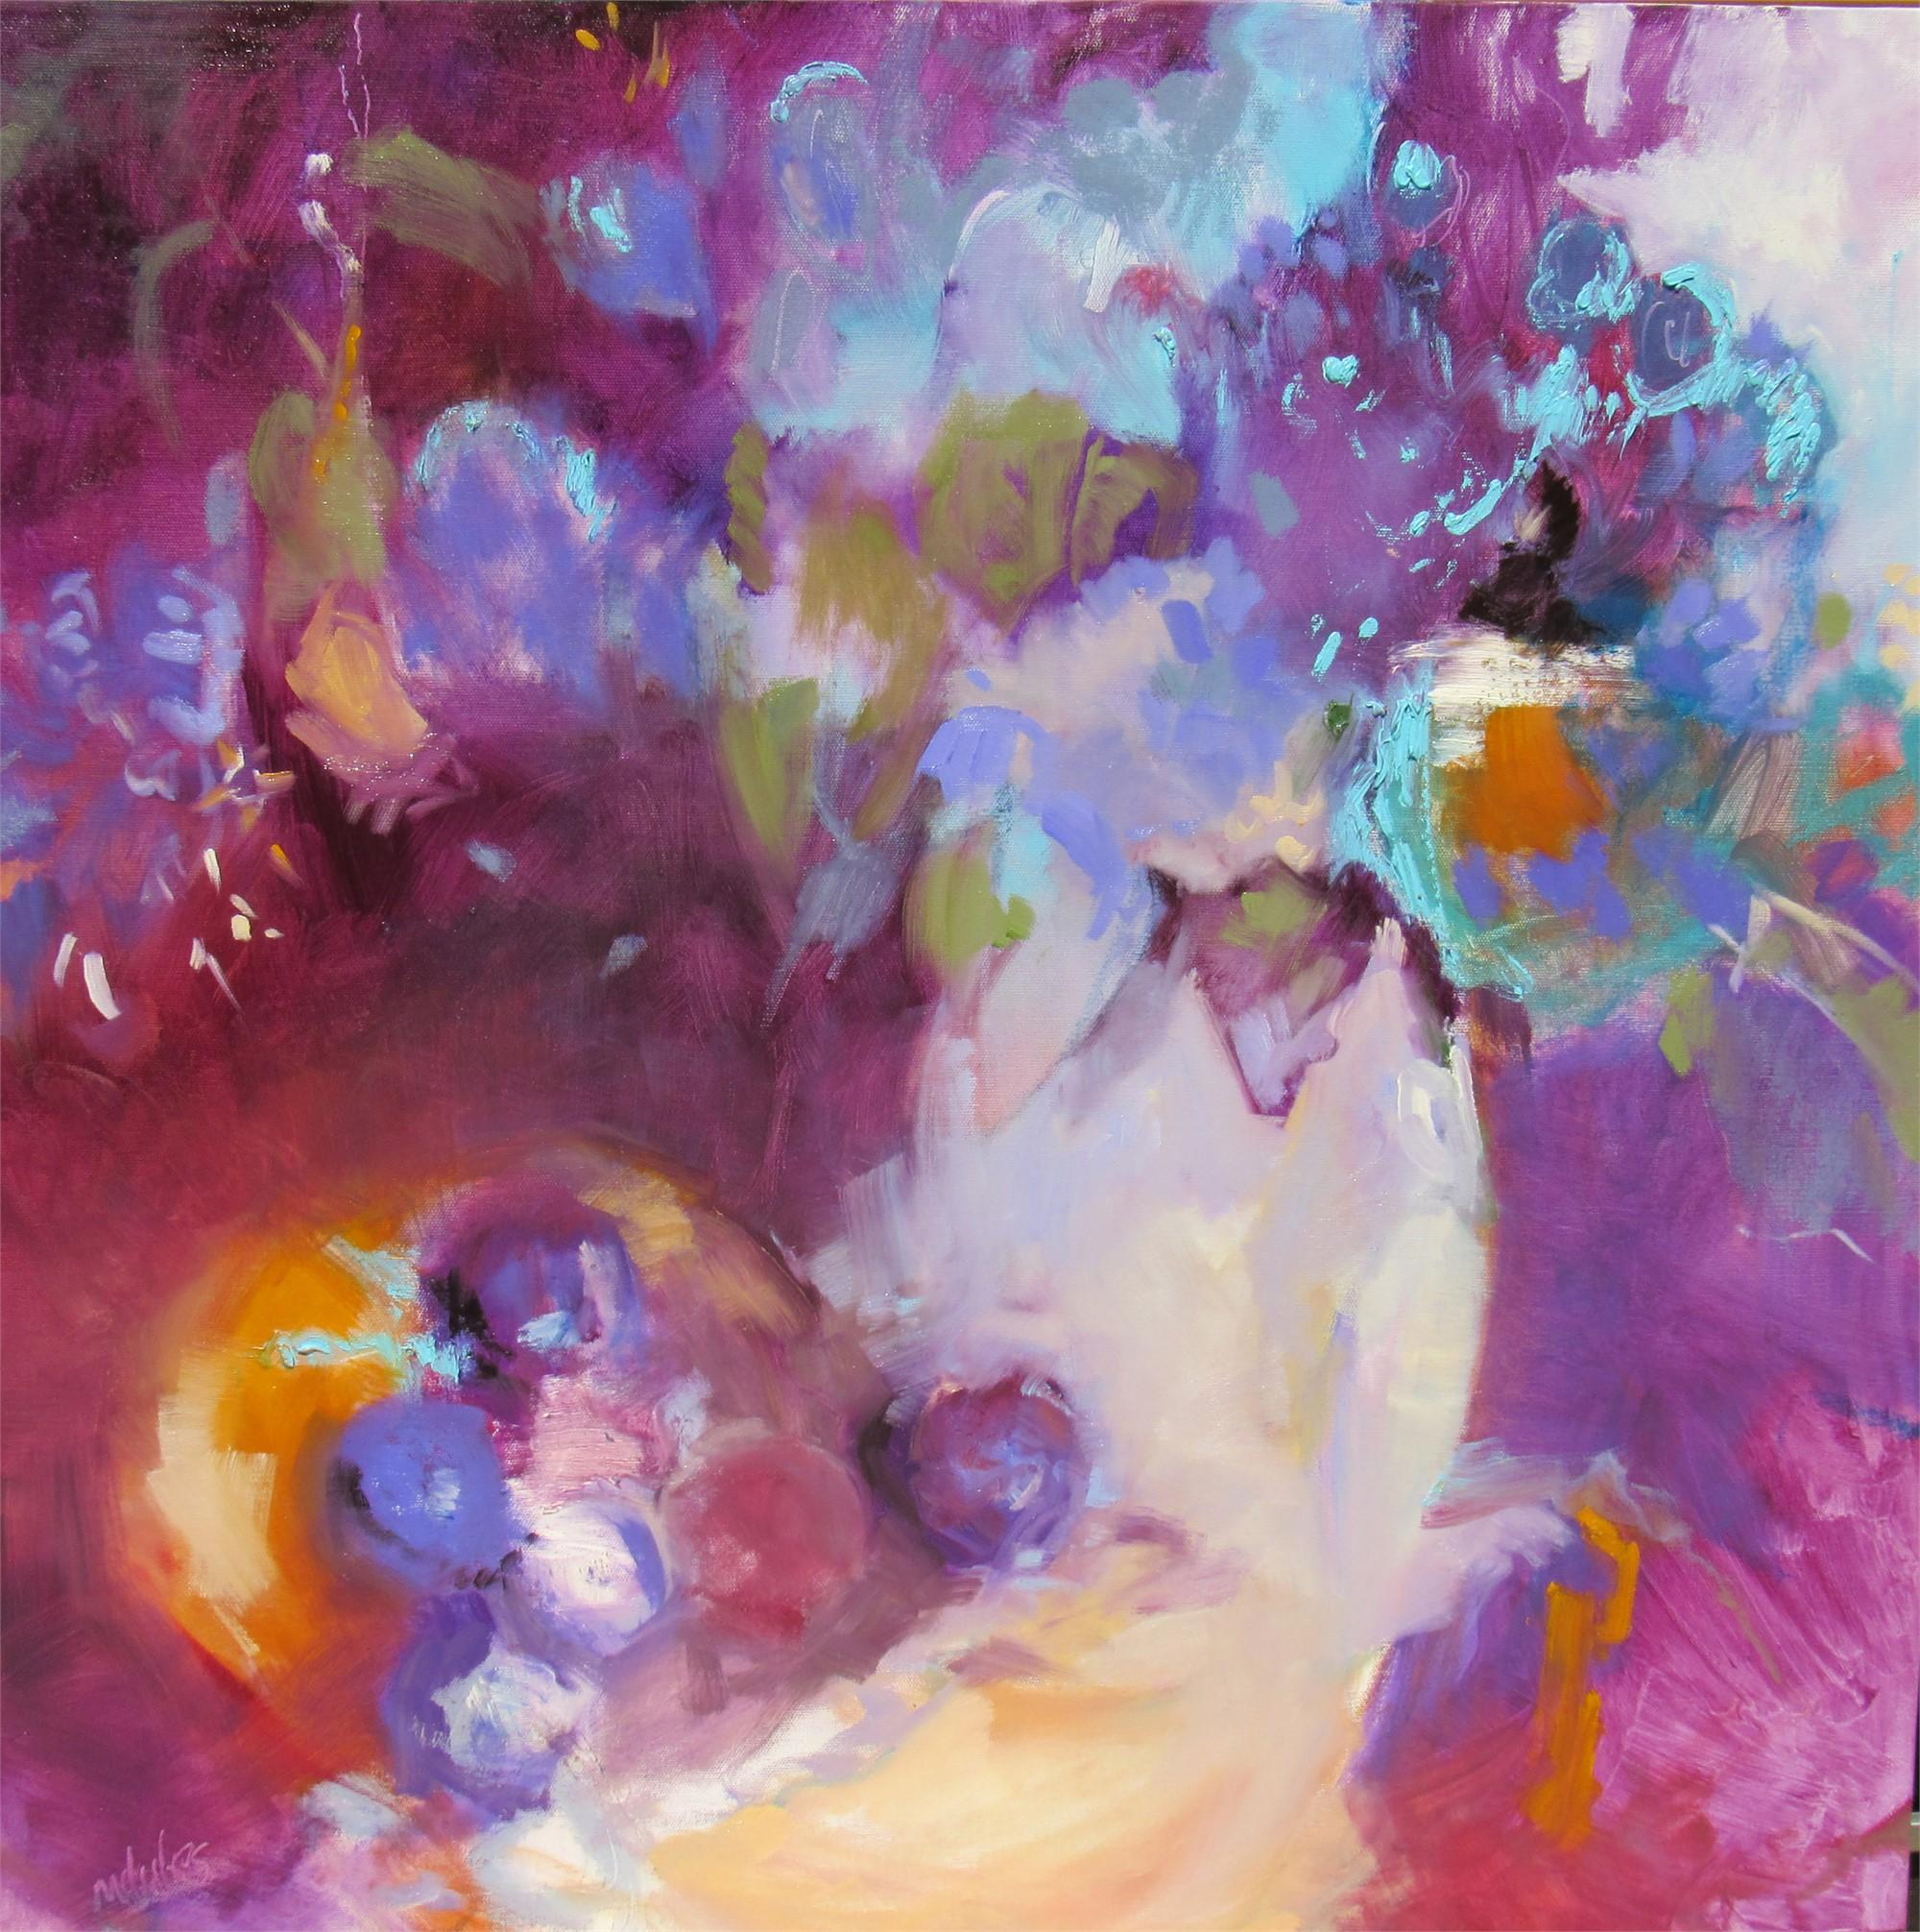 Summer Flora by Madeline Dukes